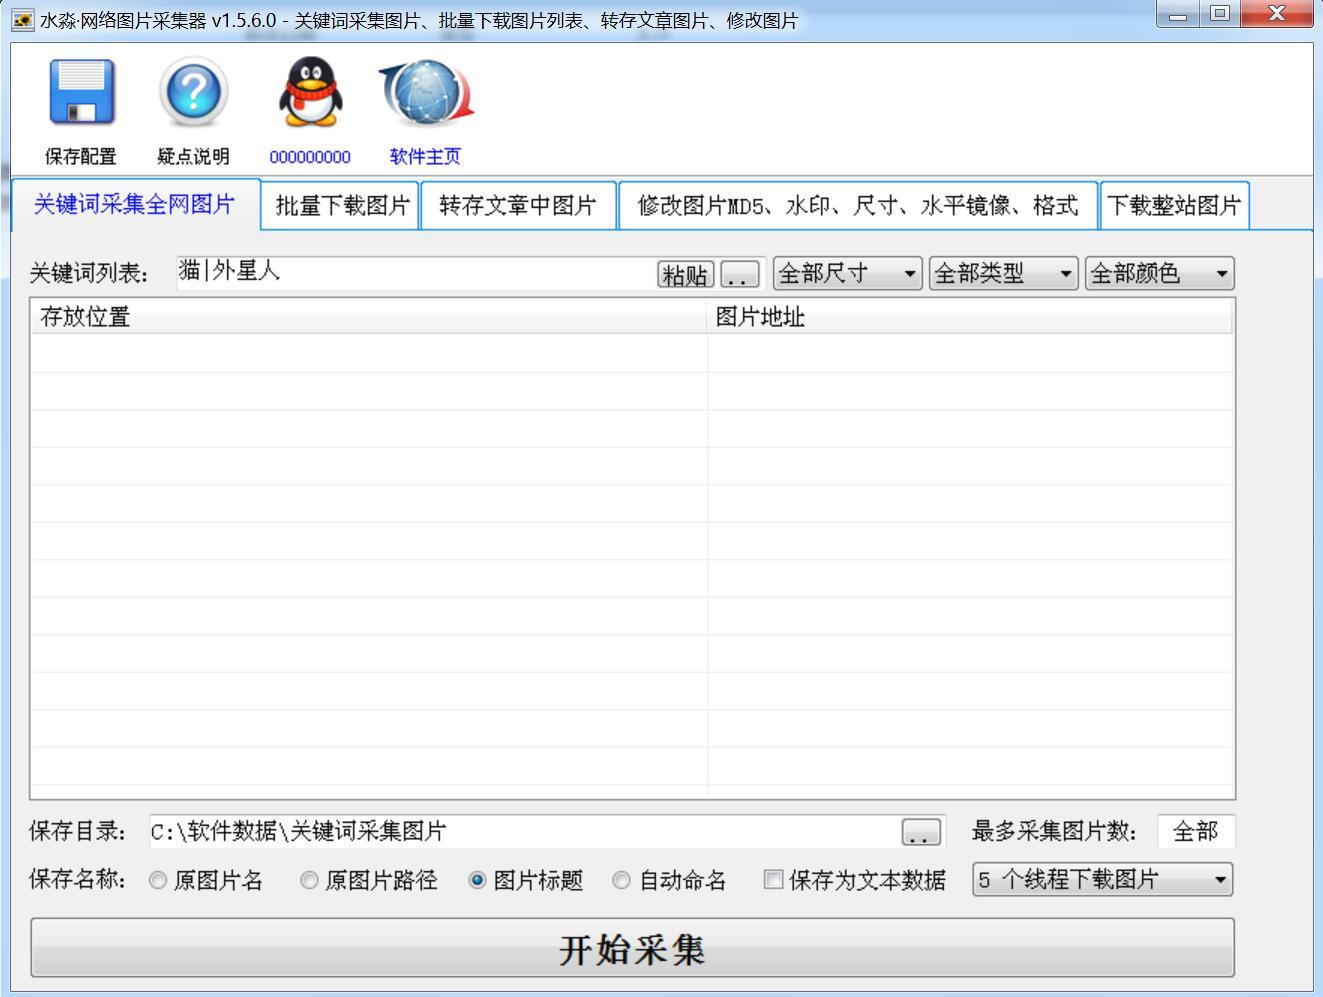 水淼・网络图片采集器v1.5.6.0